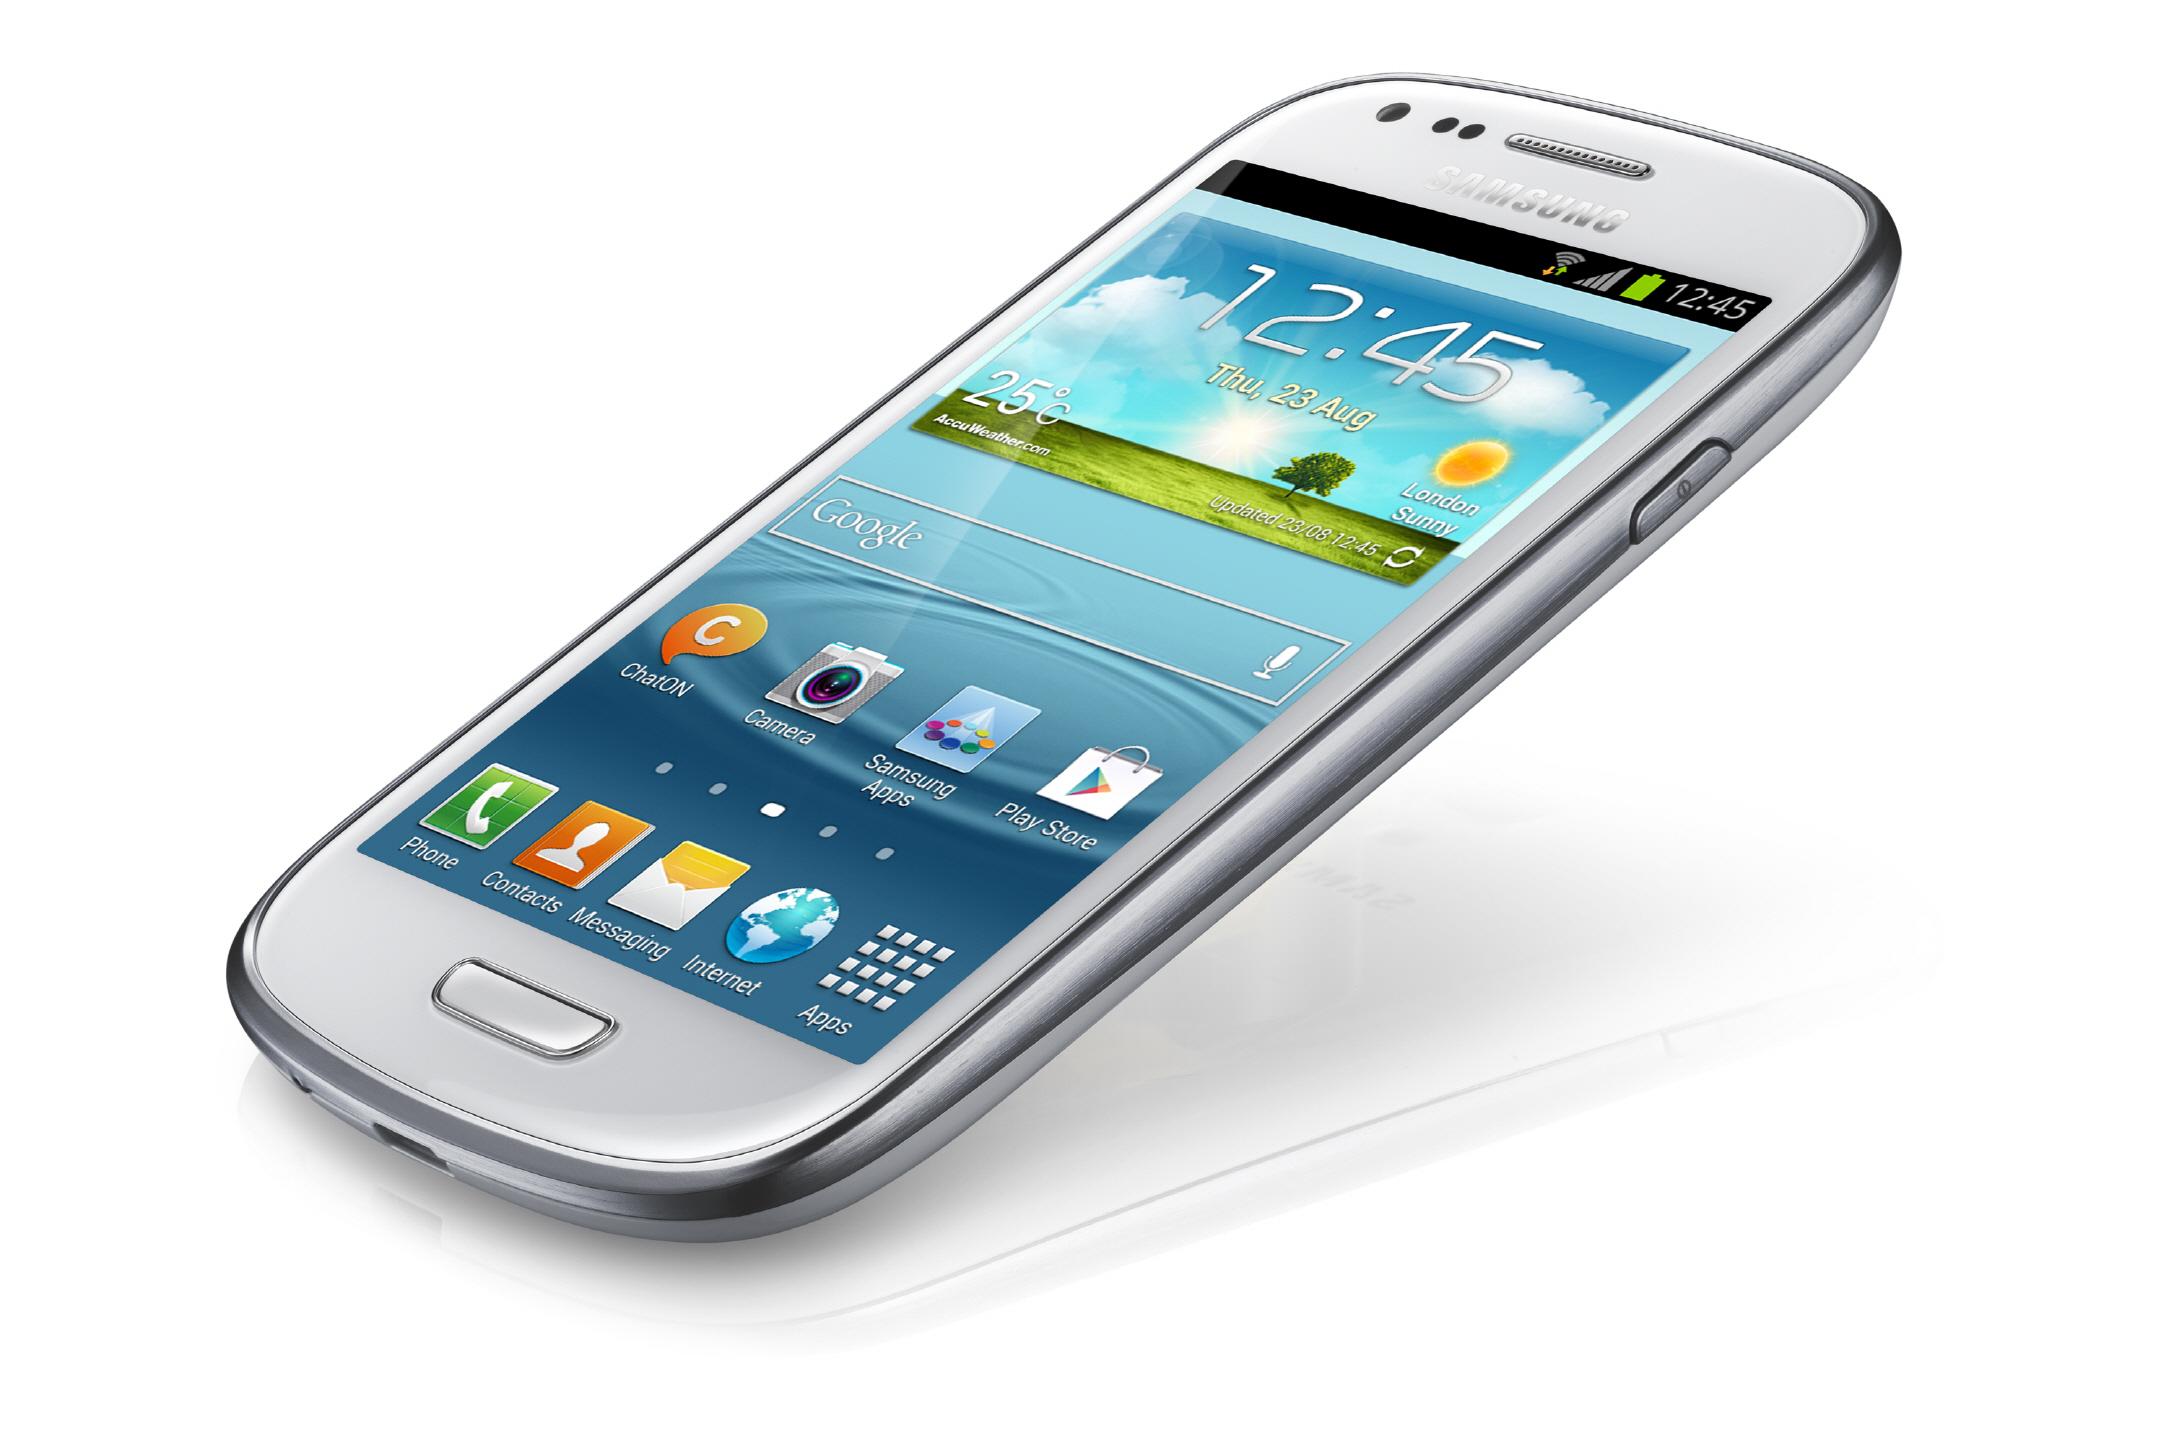 Samsung's Galaxy S III Mini